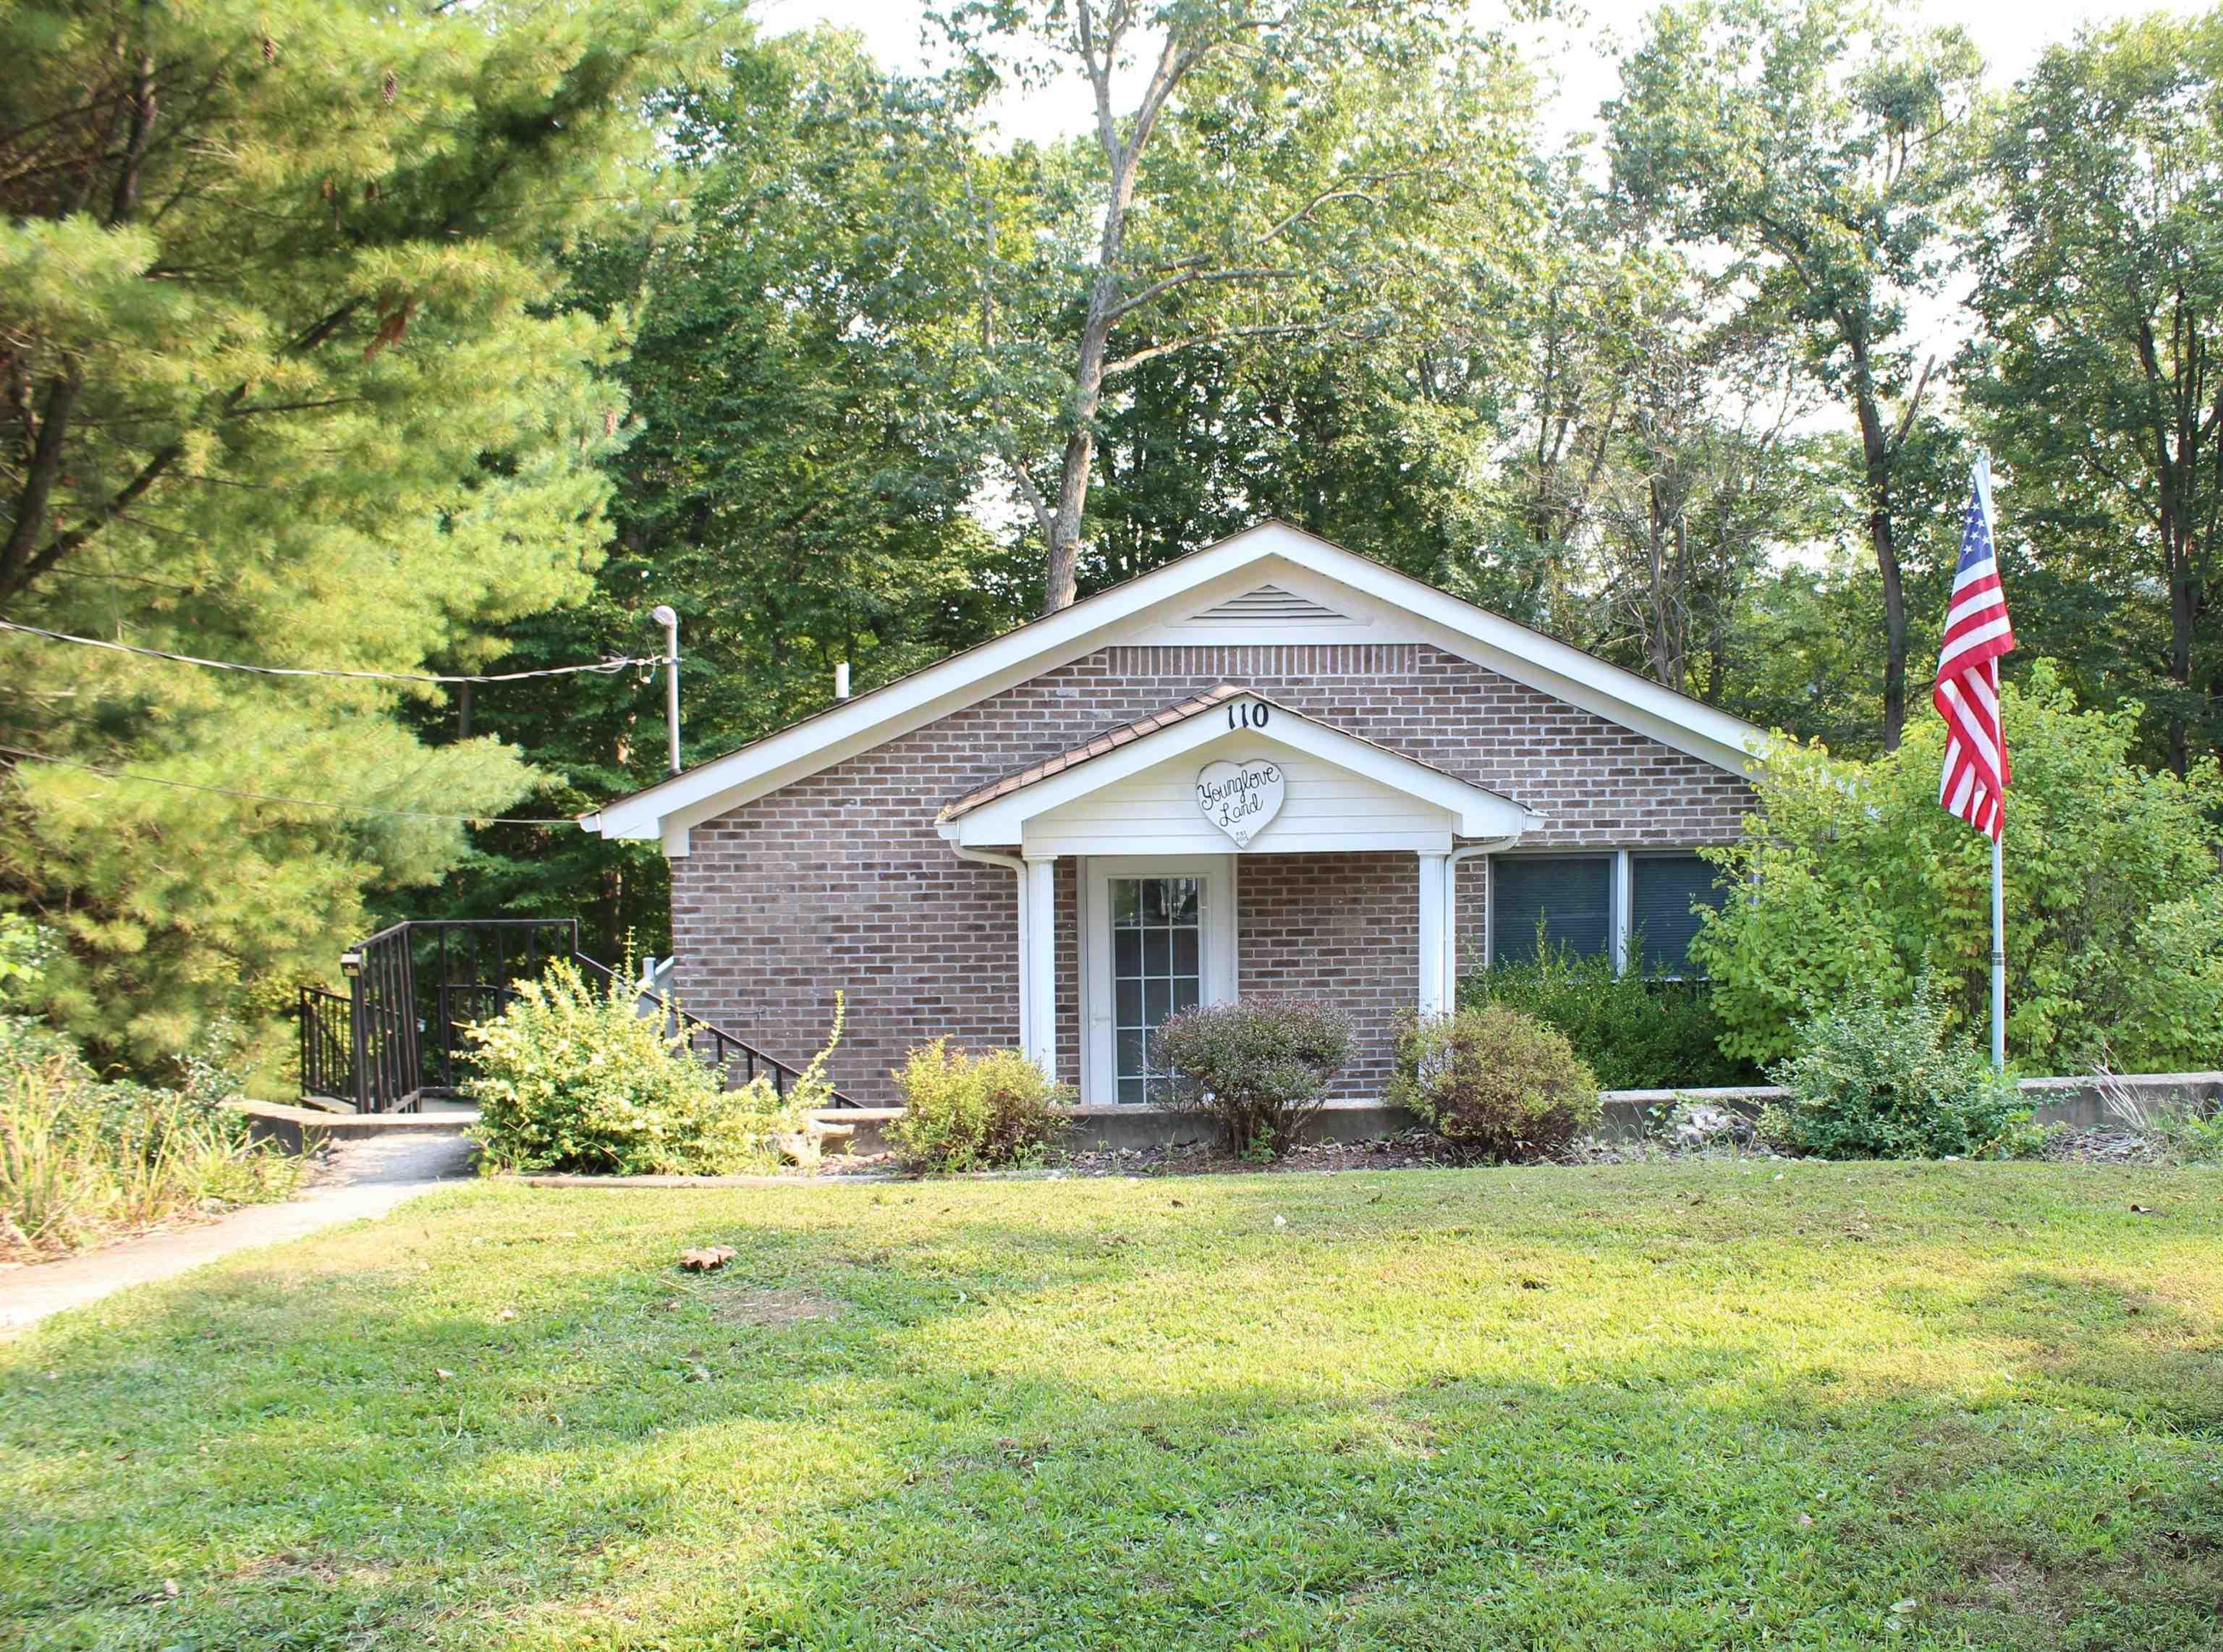 110 Raffo Villa, Hardinsburg, KY 40143